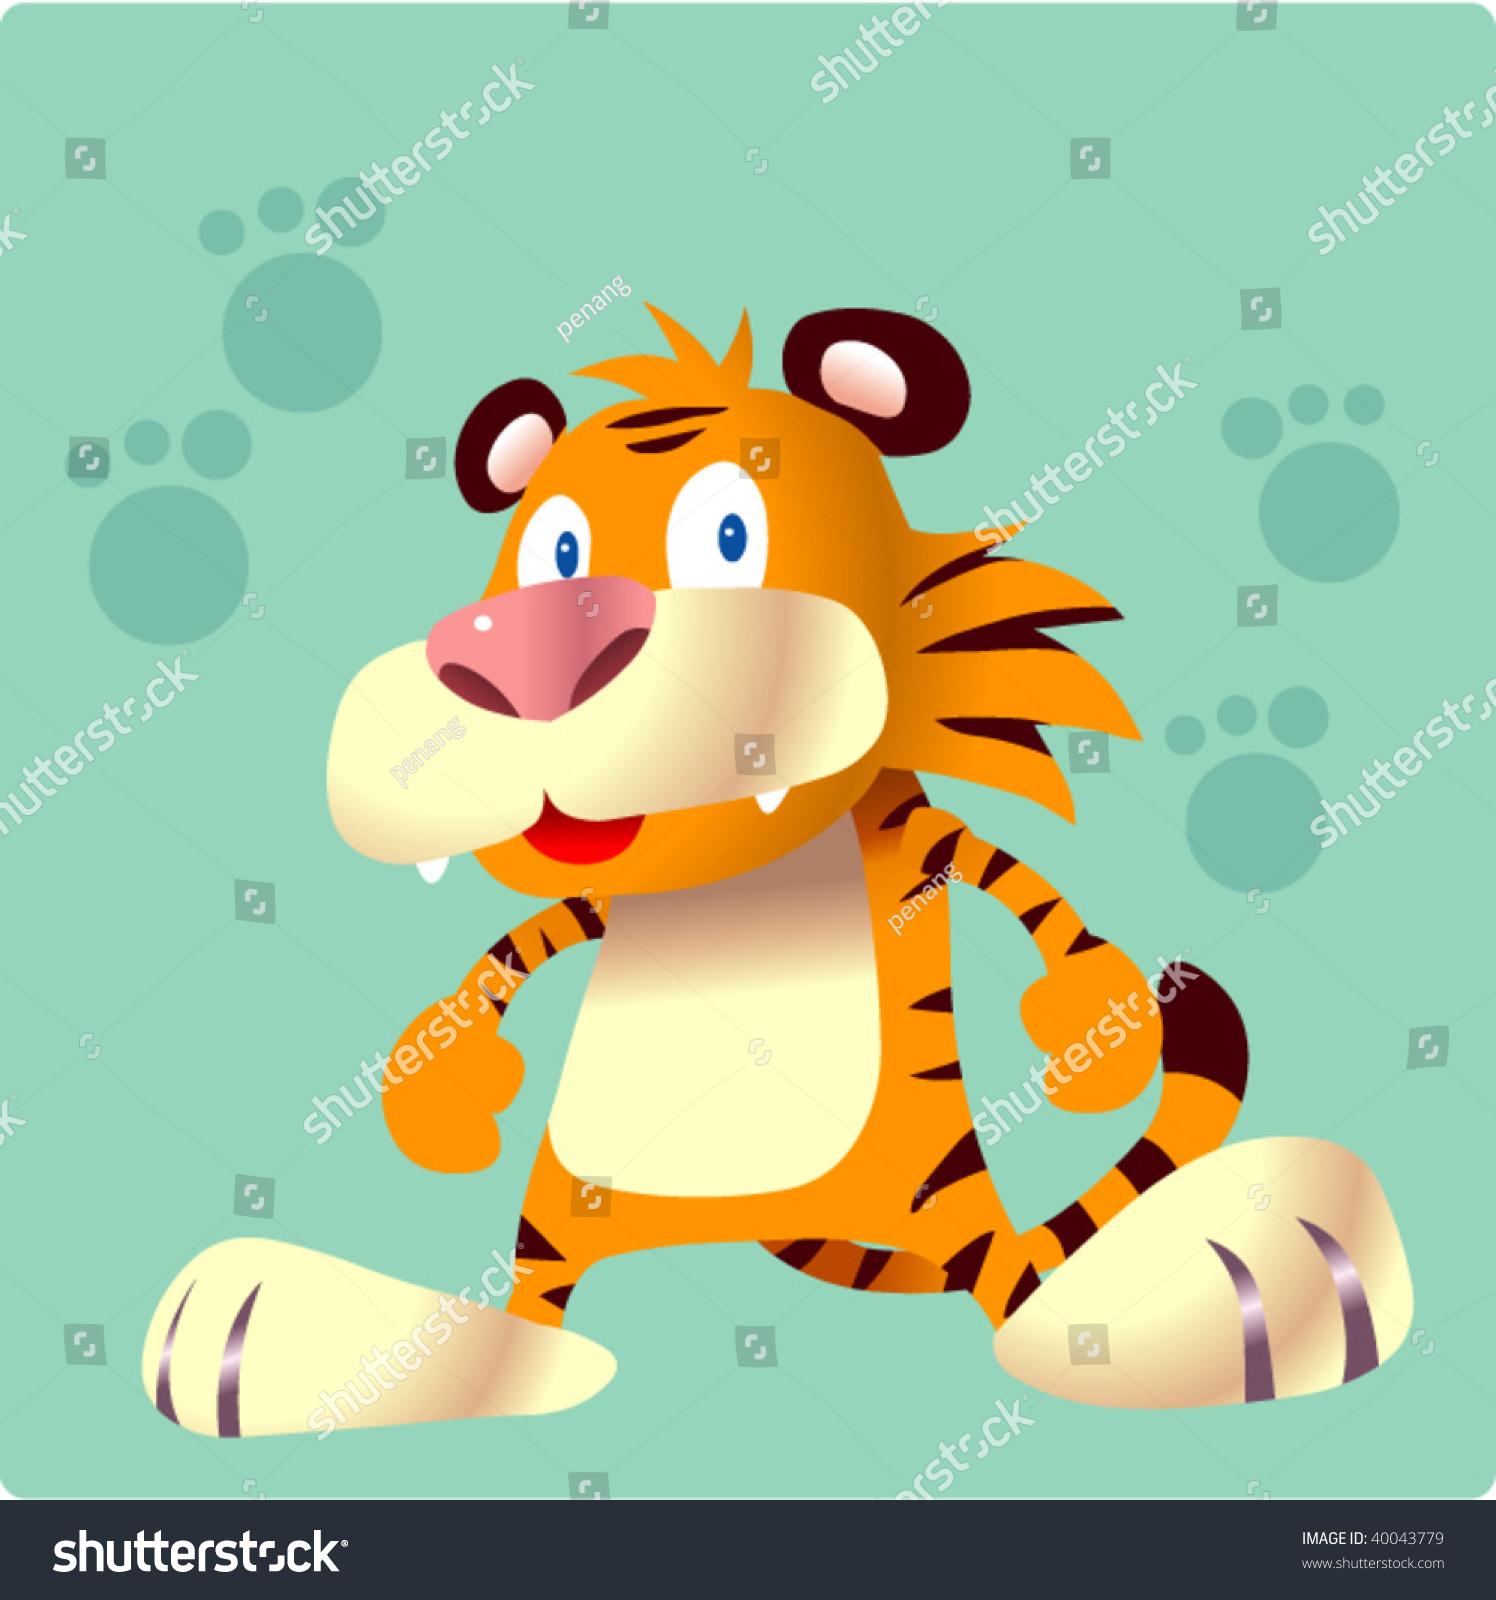 老虎的吉祥物-动物/野生生物,插图/剪贴图-海洛创意()